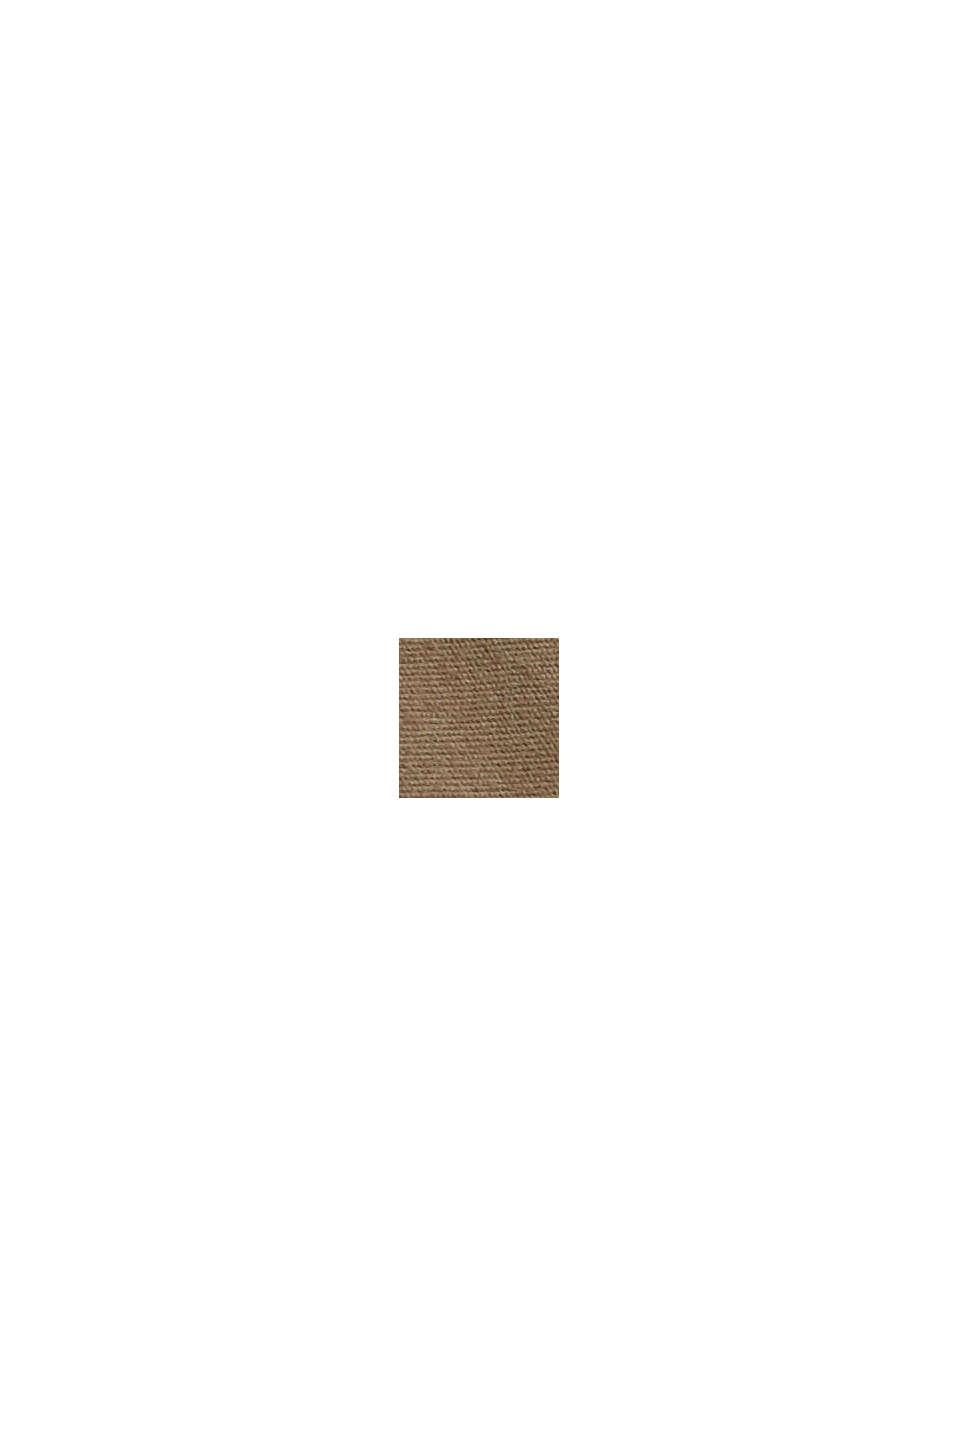 In materiale riciclato: giacca da campagna resistente alle intemperie, BROWN GREY, swatch